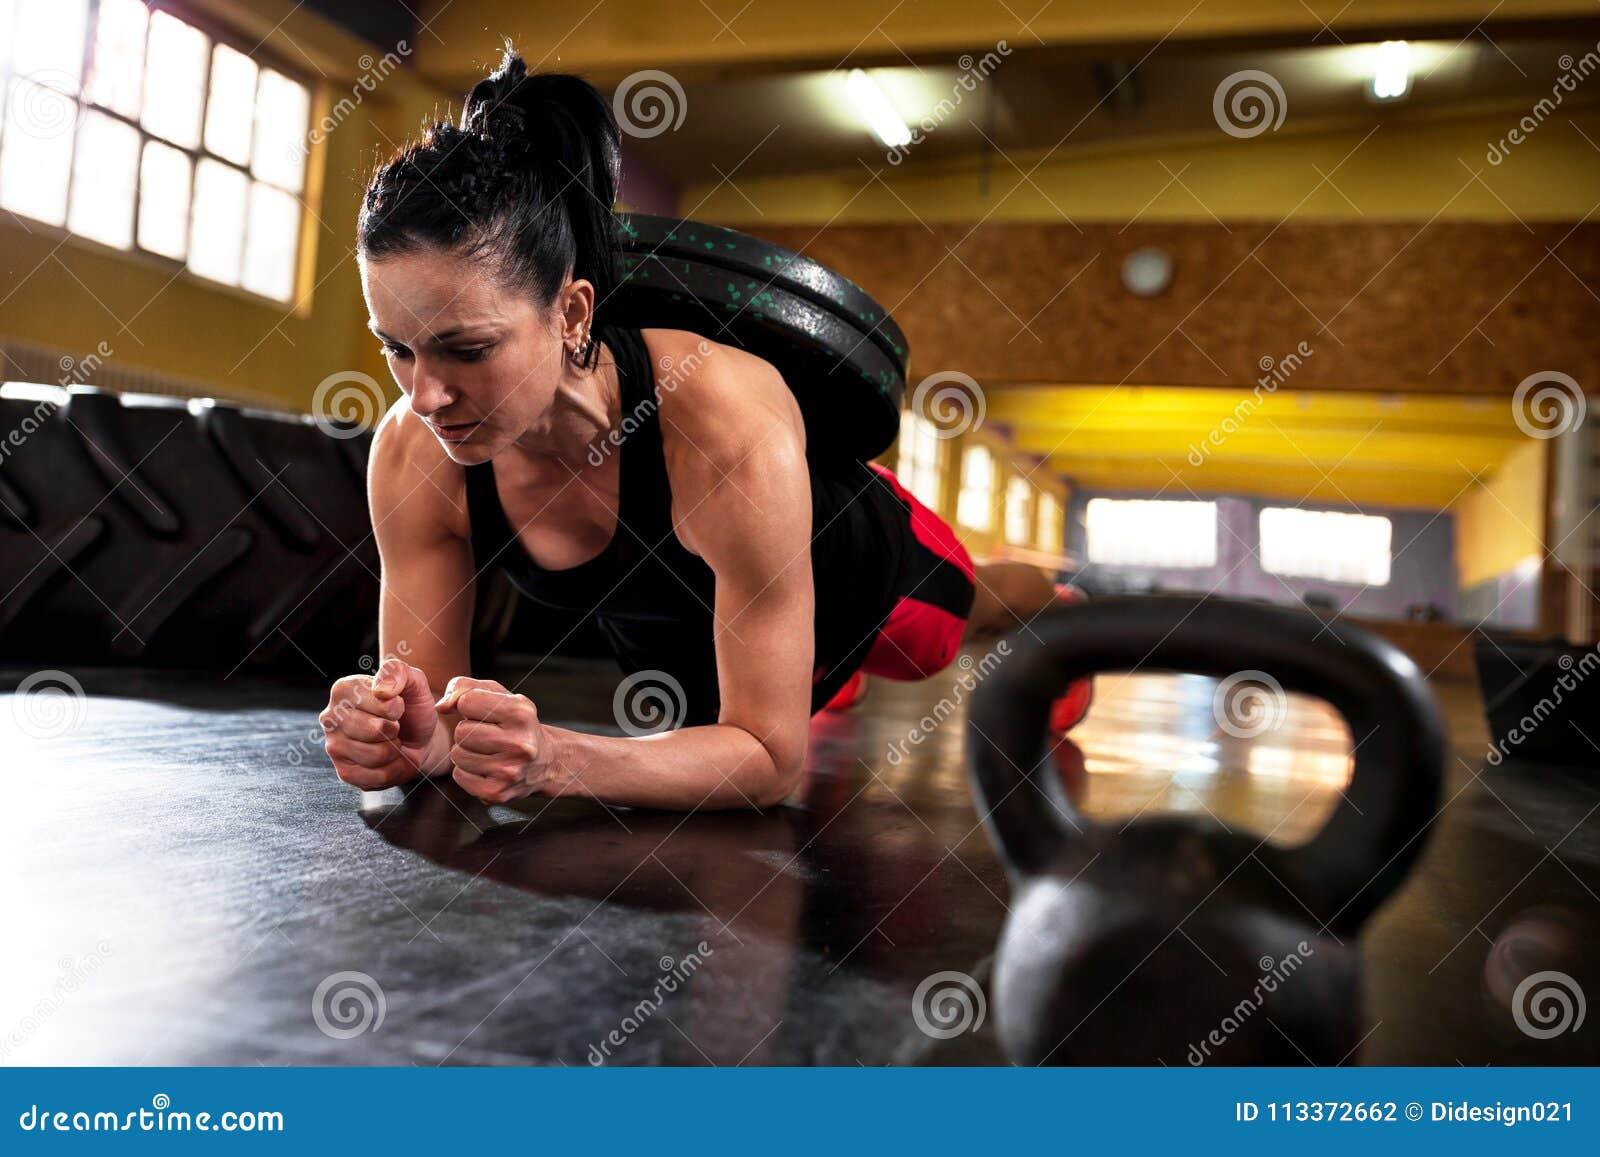 Allenamento alla palestra, facente addestramento intenso duro con il peso